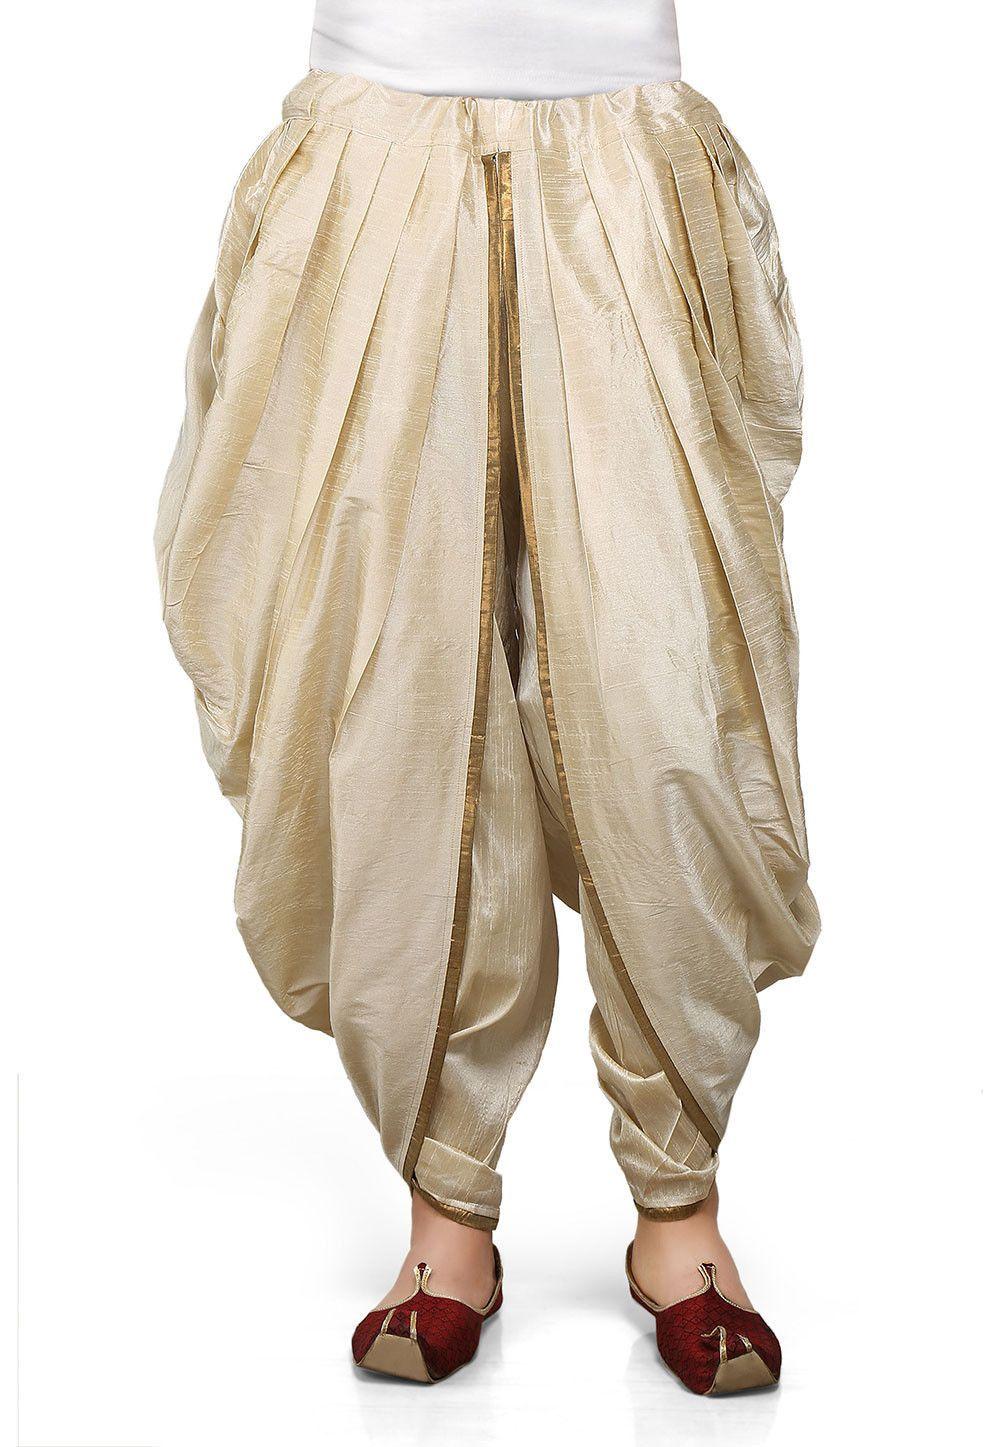 Dupion silk dhoti in light beige 着物 pinterest fashion